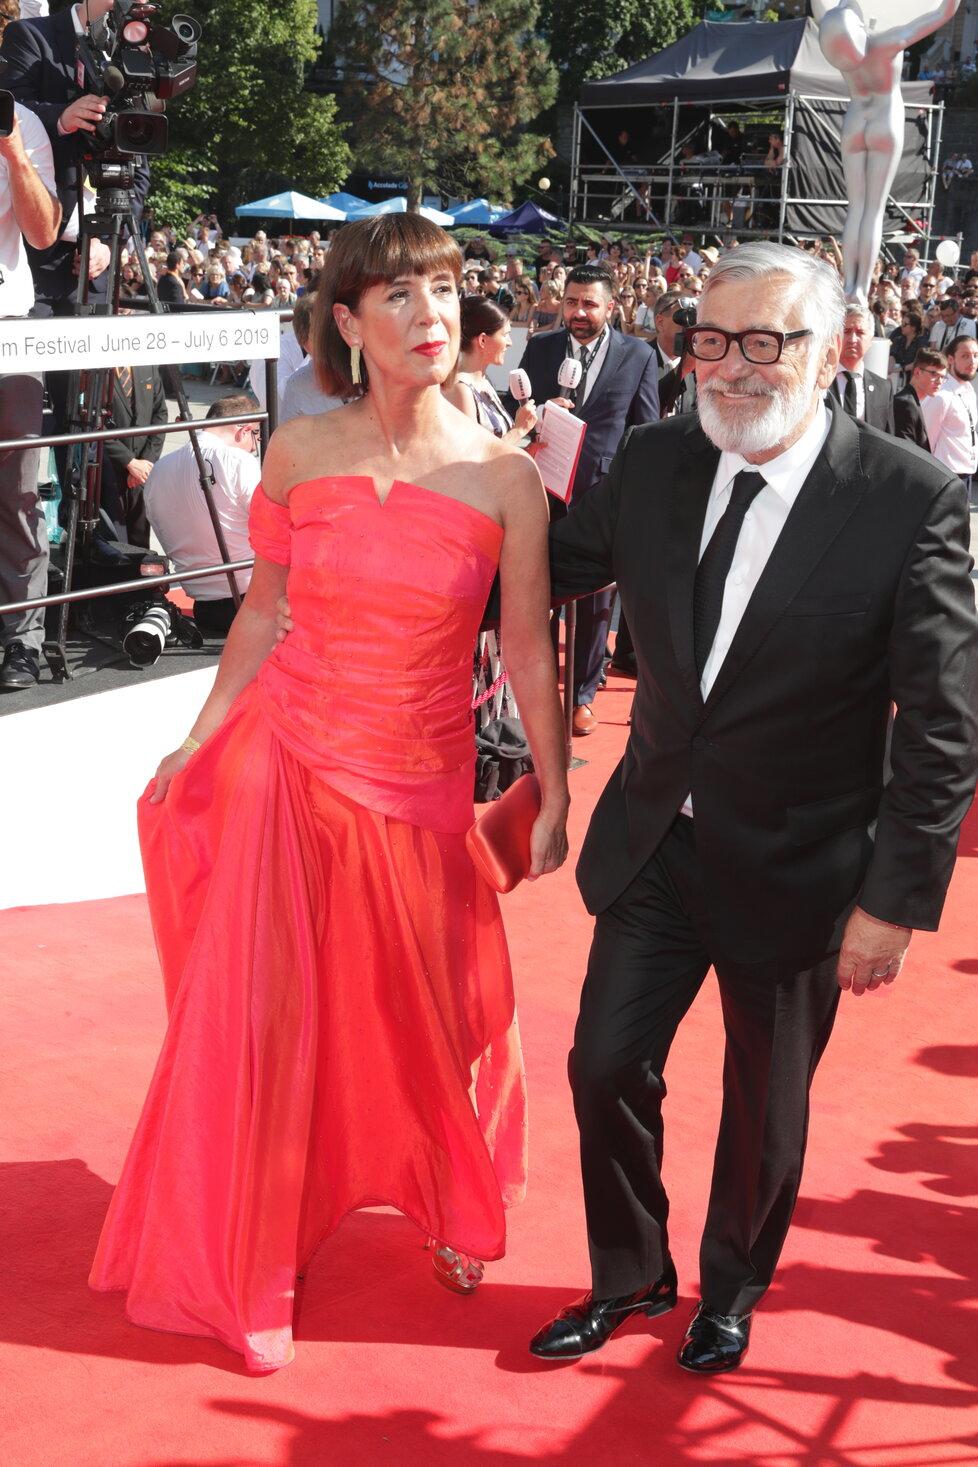 Ředitel karlovarského festivalu Jiří Bartoška s manželkou Andreou.